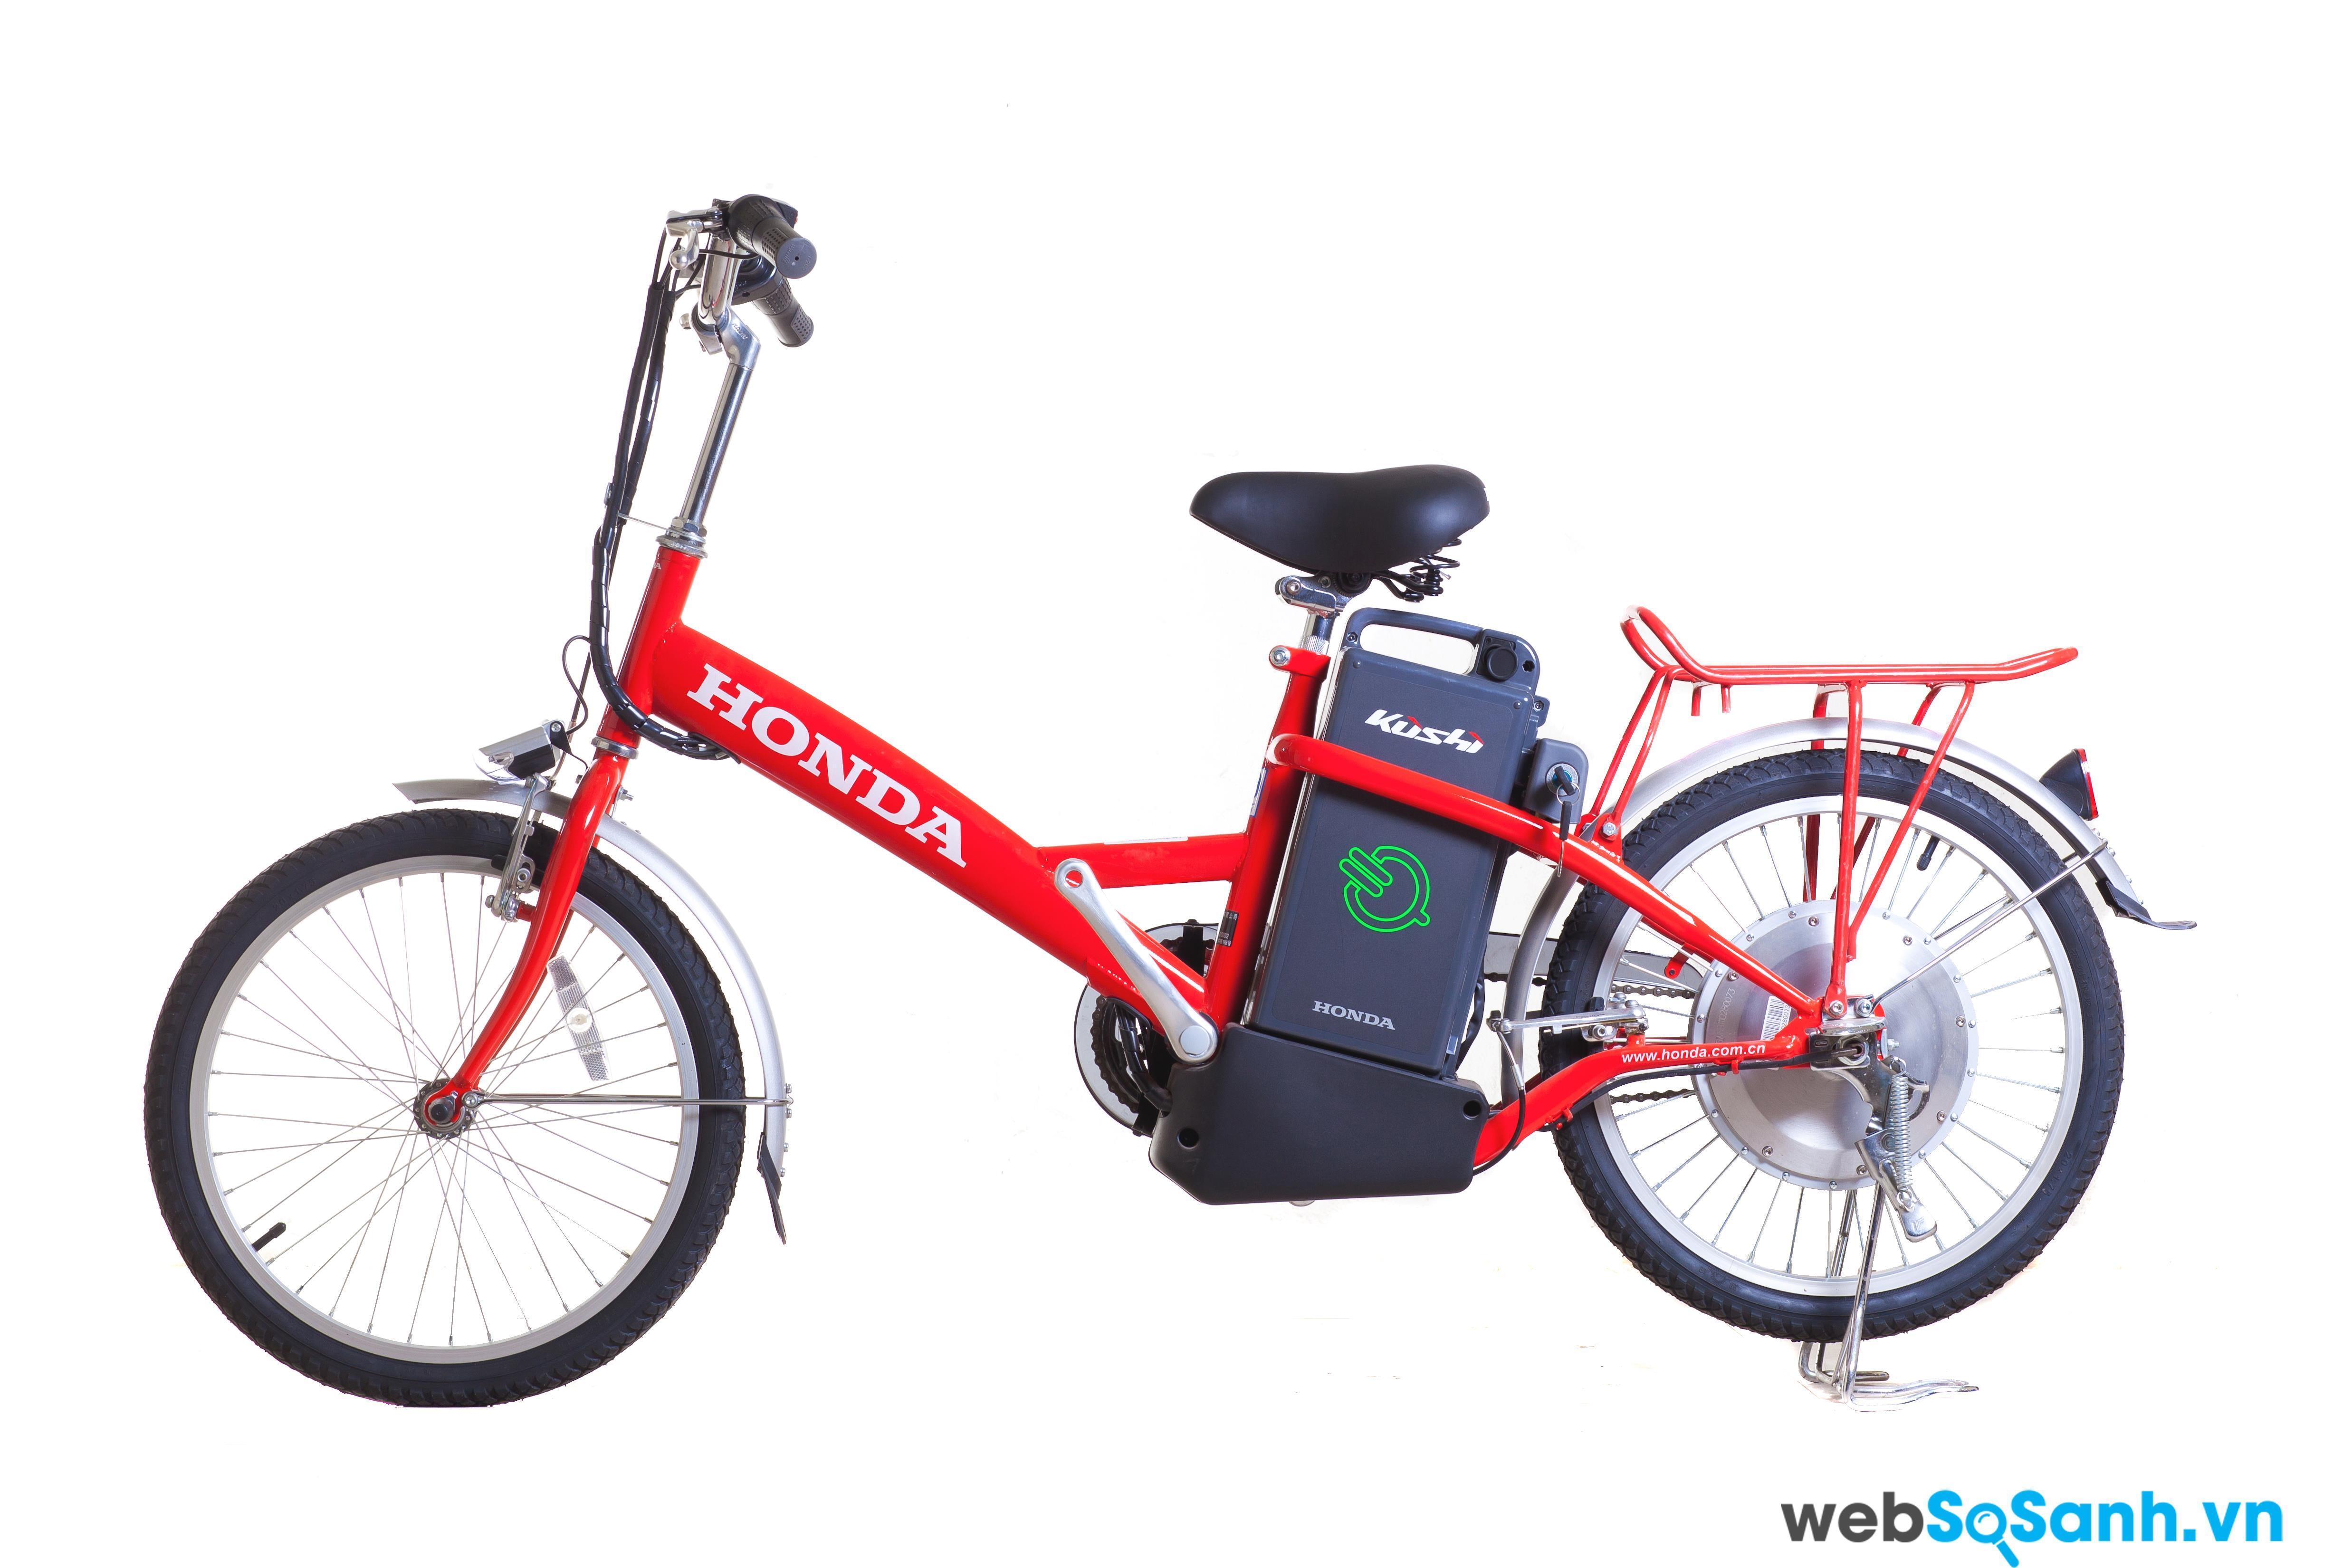 Honda Cool có thiết kế không khác biệt so với một chiếc xe đạp thông thường